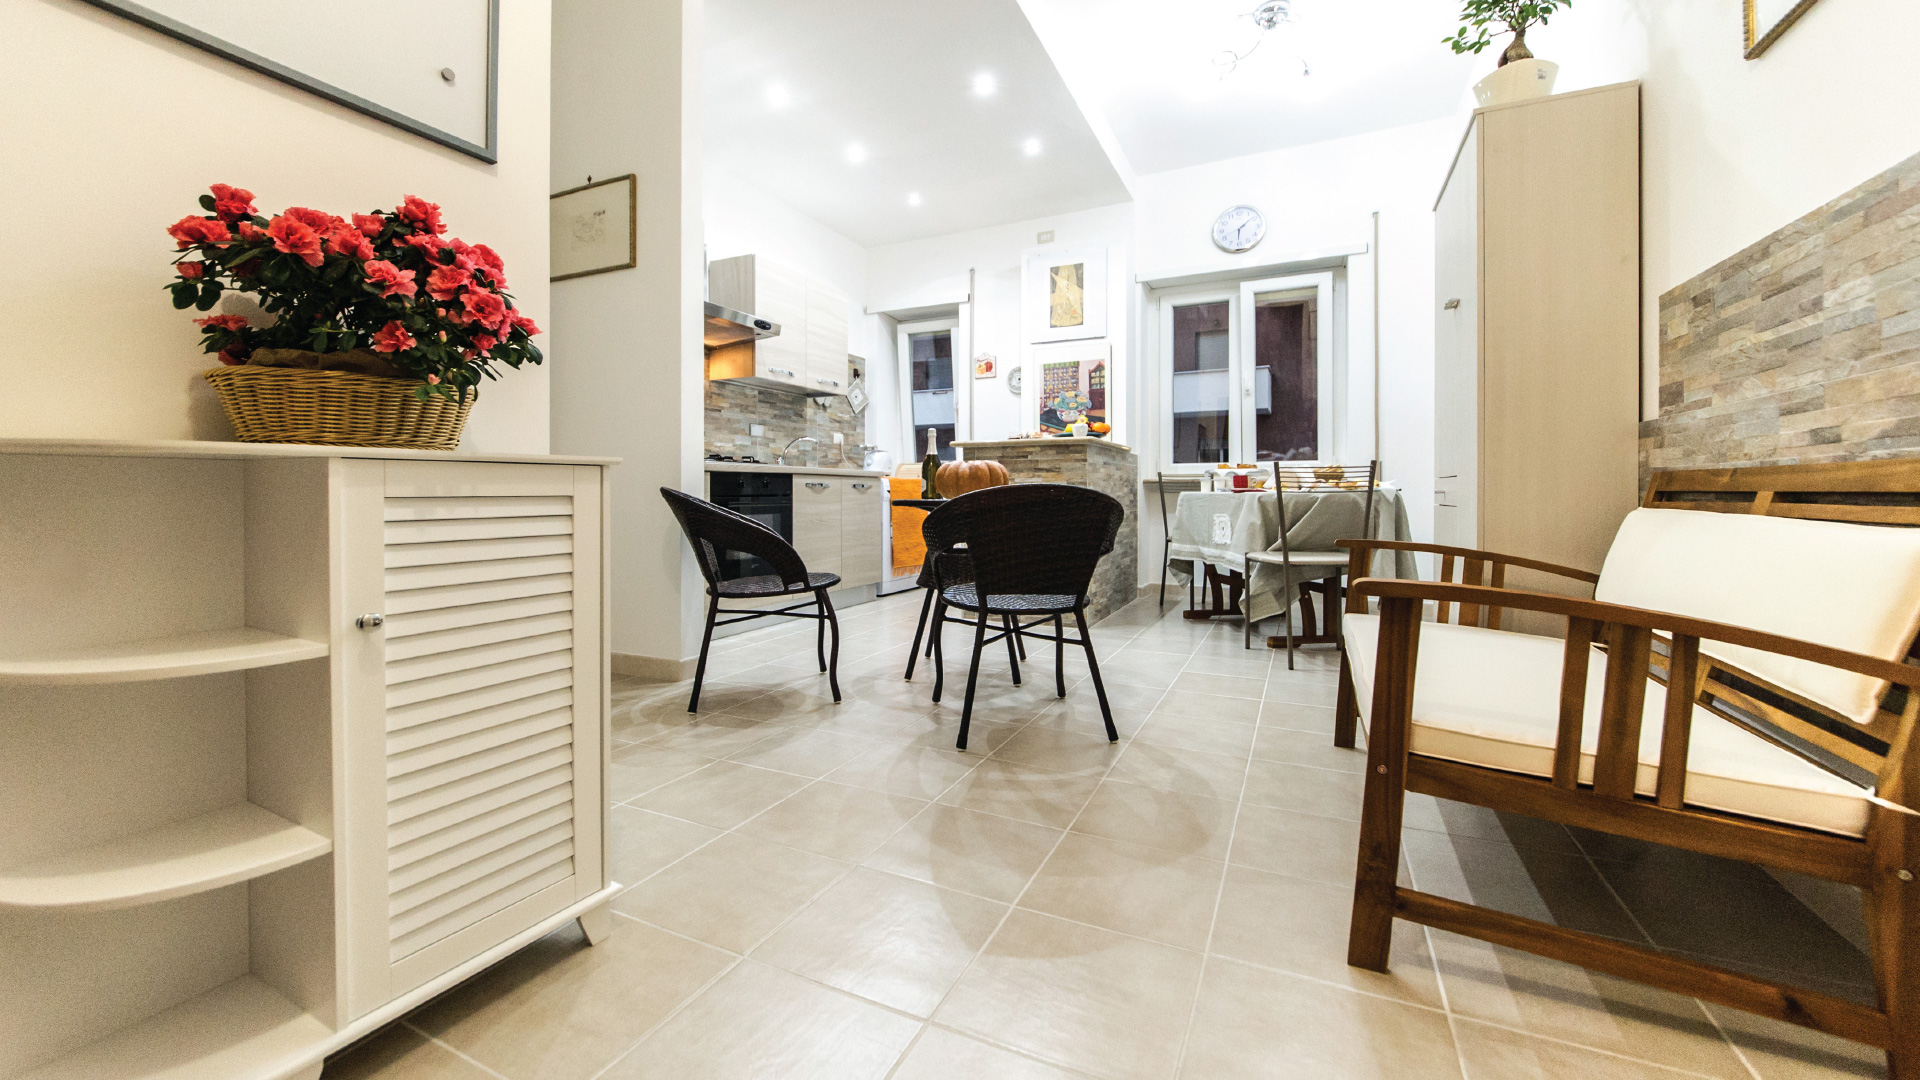 Ristrutturazione Casa Roma Prezzi ristrutturazione casa roma, preventivo costo